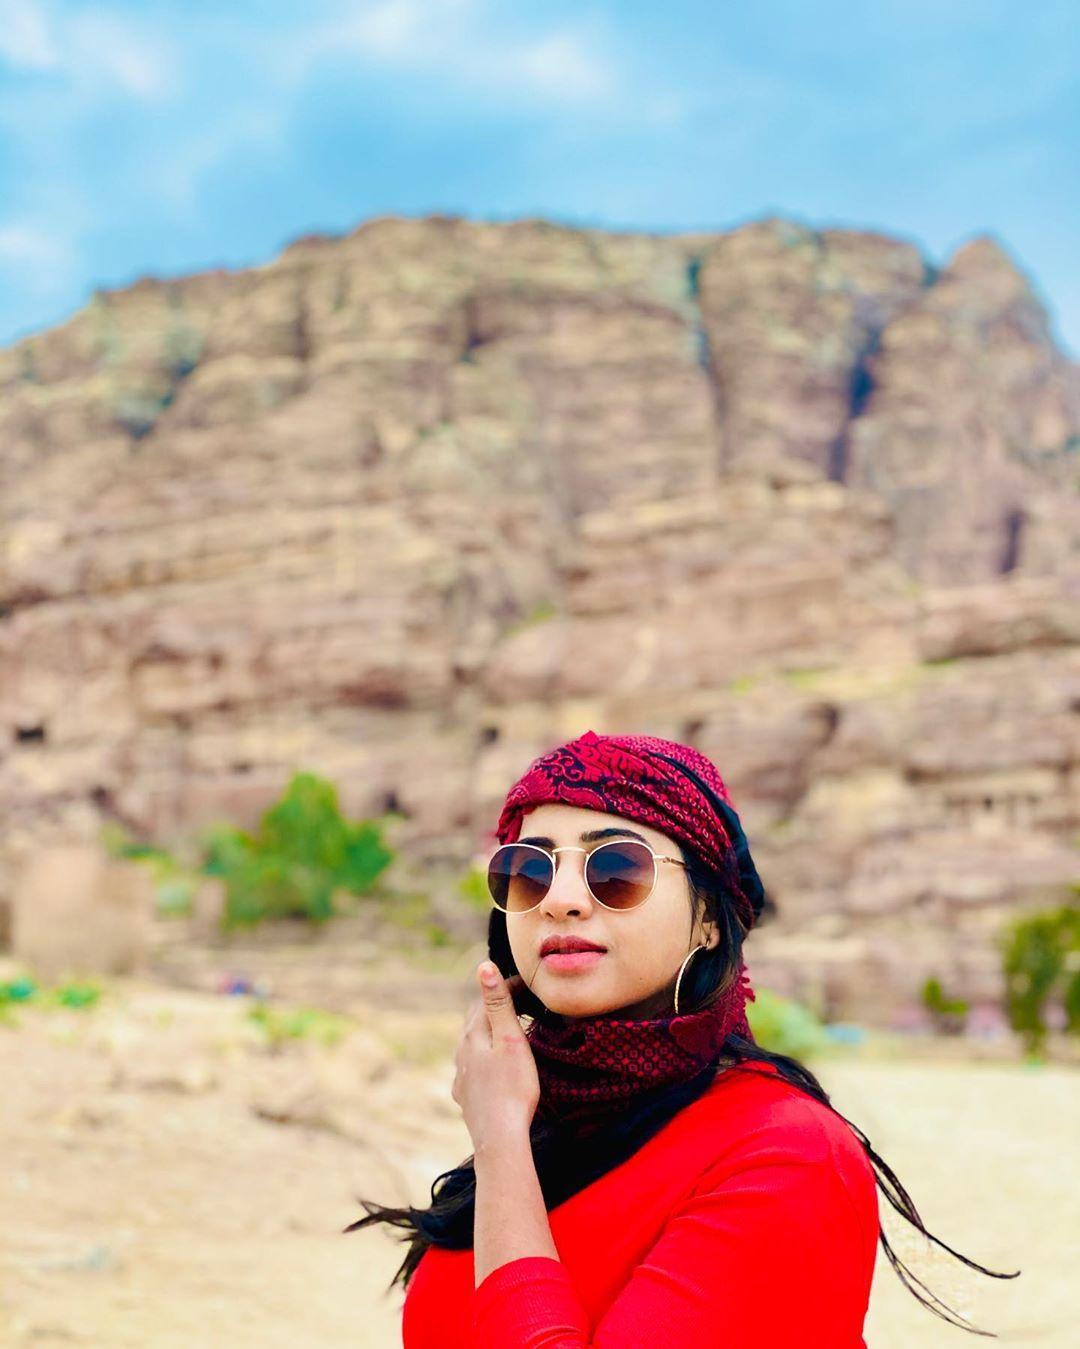 స్వాతి దీక్షిత్.. బ్యూటీఫుల్ పిక్స్ Photo : Instagram